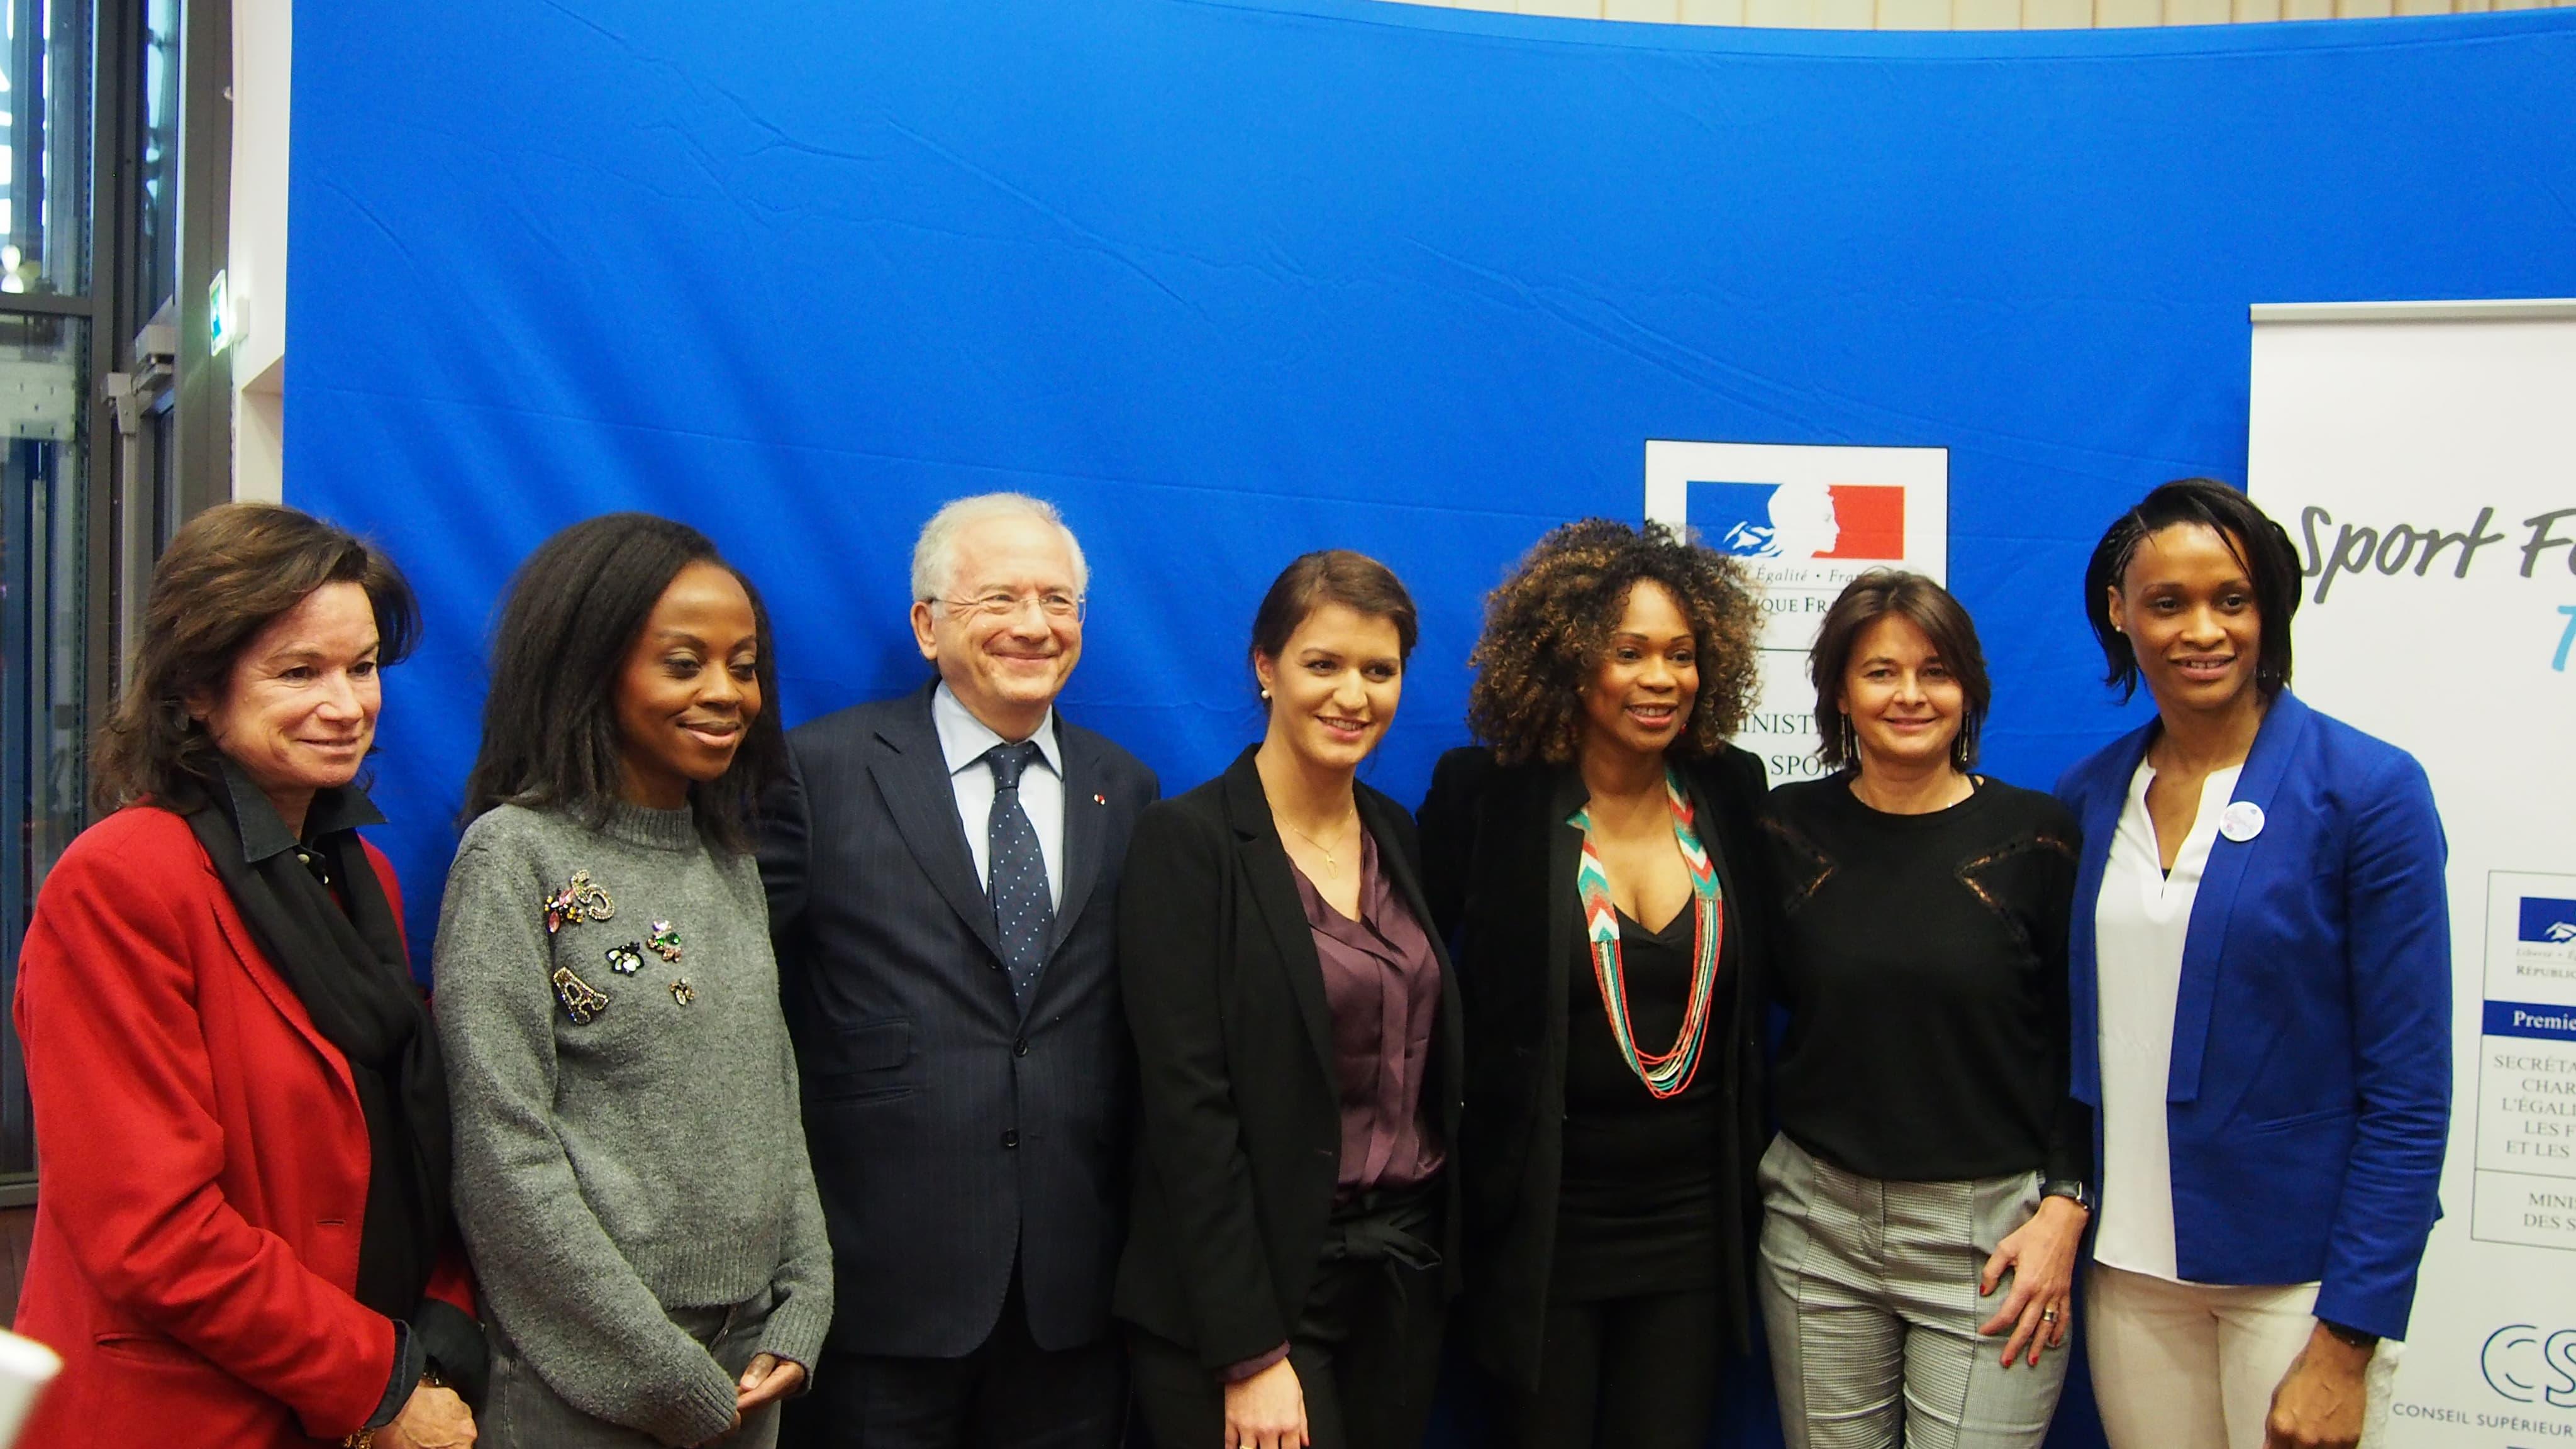 Opération « Sport féminin toujours » : coup de projecteur sur le sport au féminin !